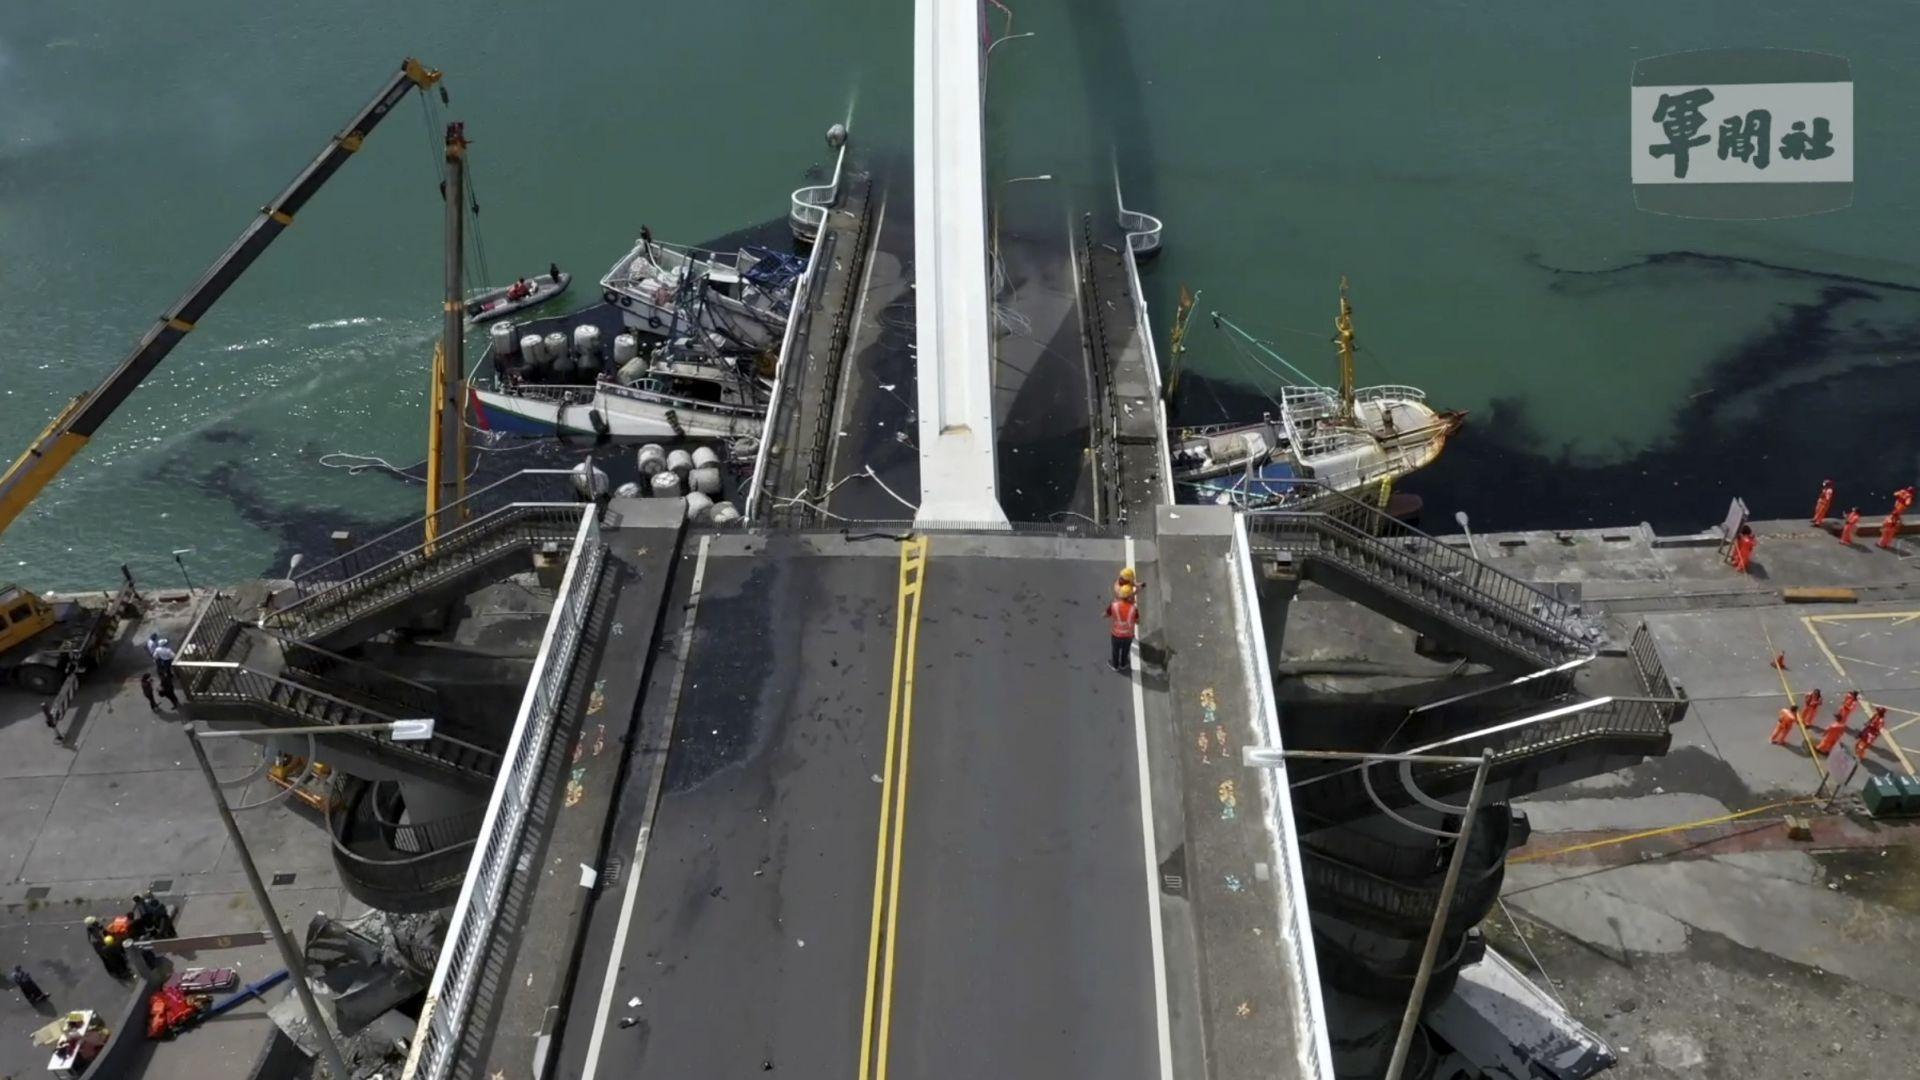 Мост се срути върху кораби в Тайван (снимки и видео)